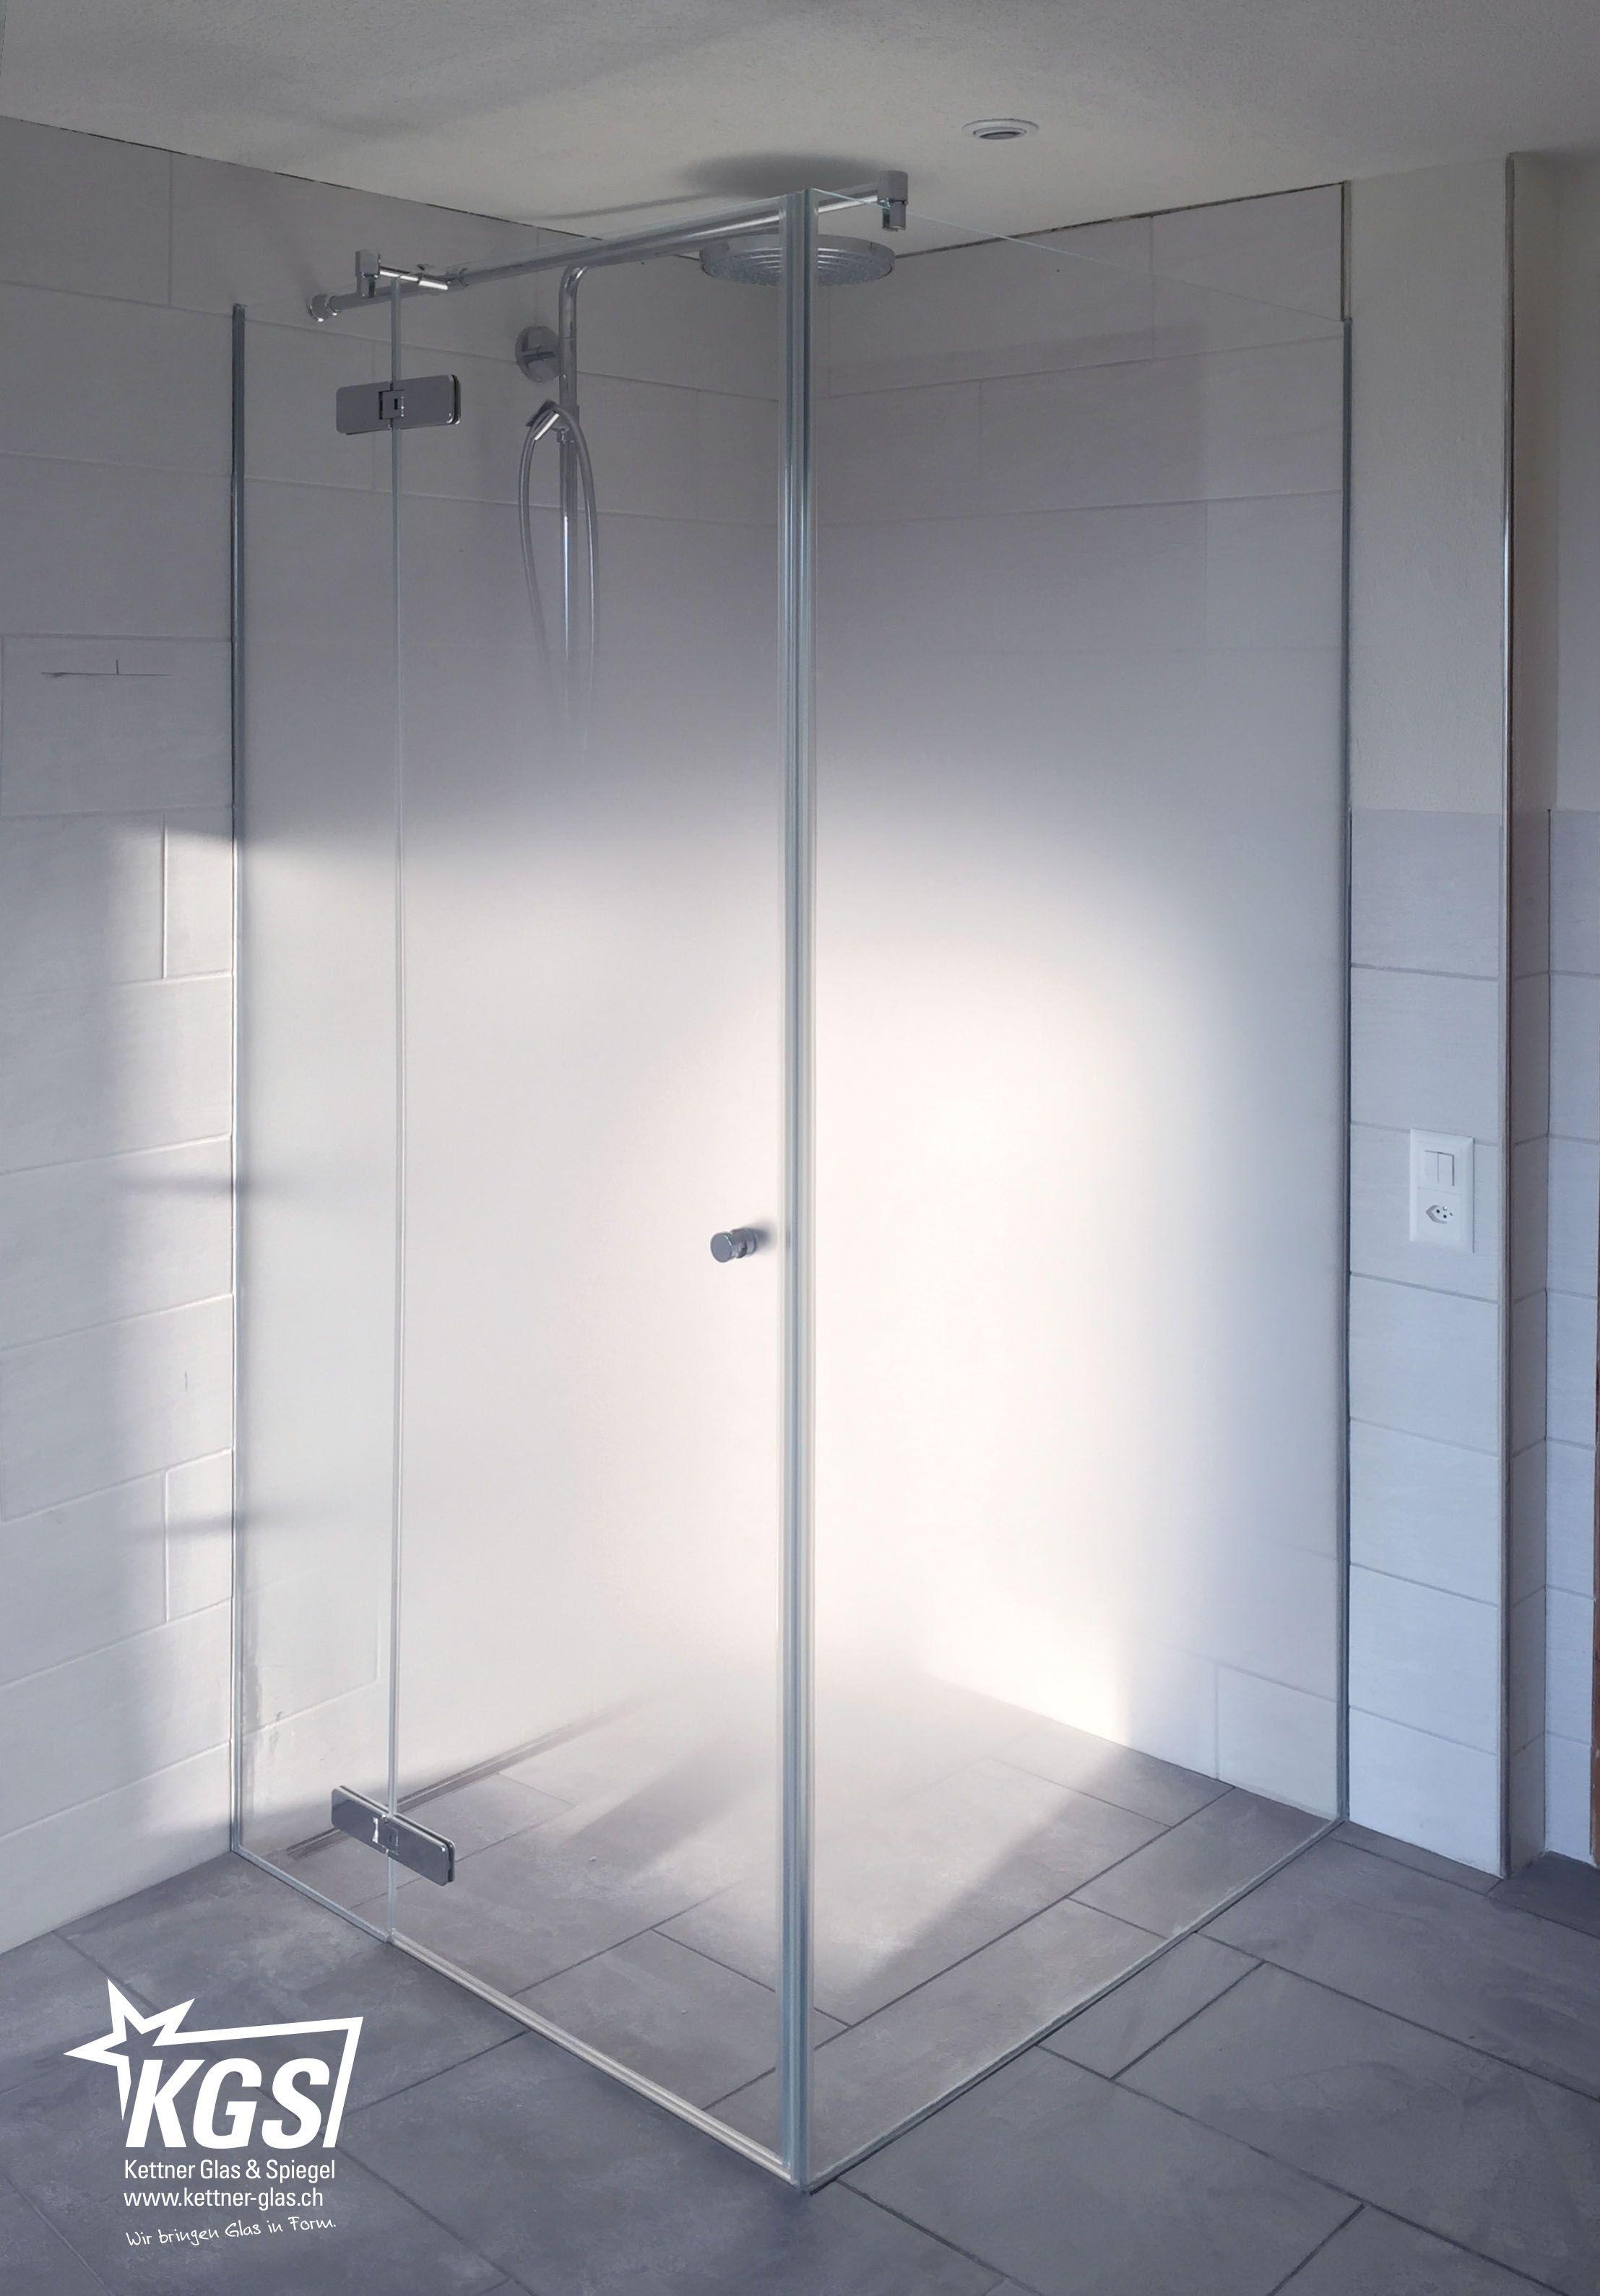 Design Eckdusche Aus Progressiv Geatztem Glas Mit Geschlossener Glasture Eckduschen Dusche Duschkabine